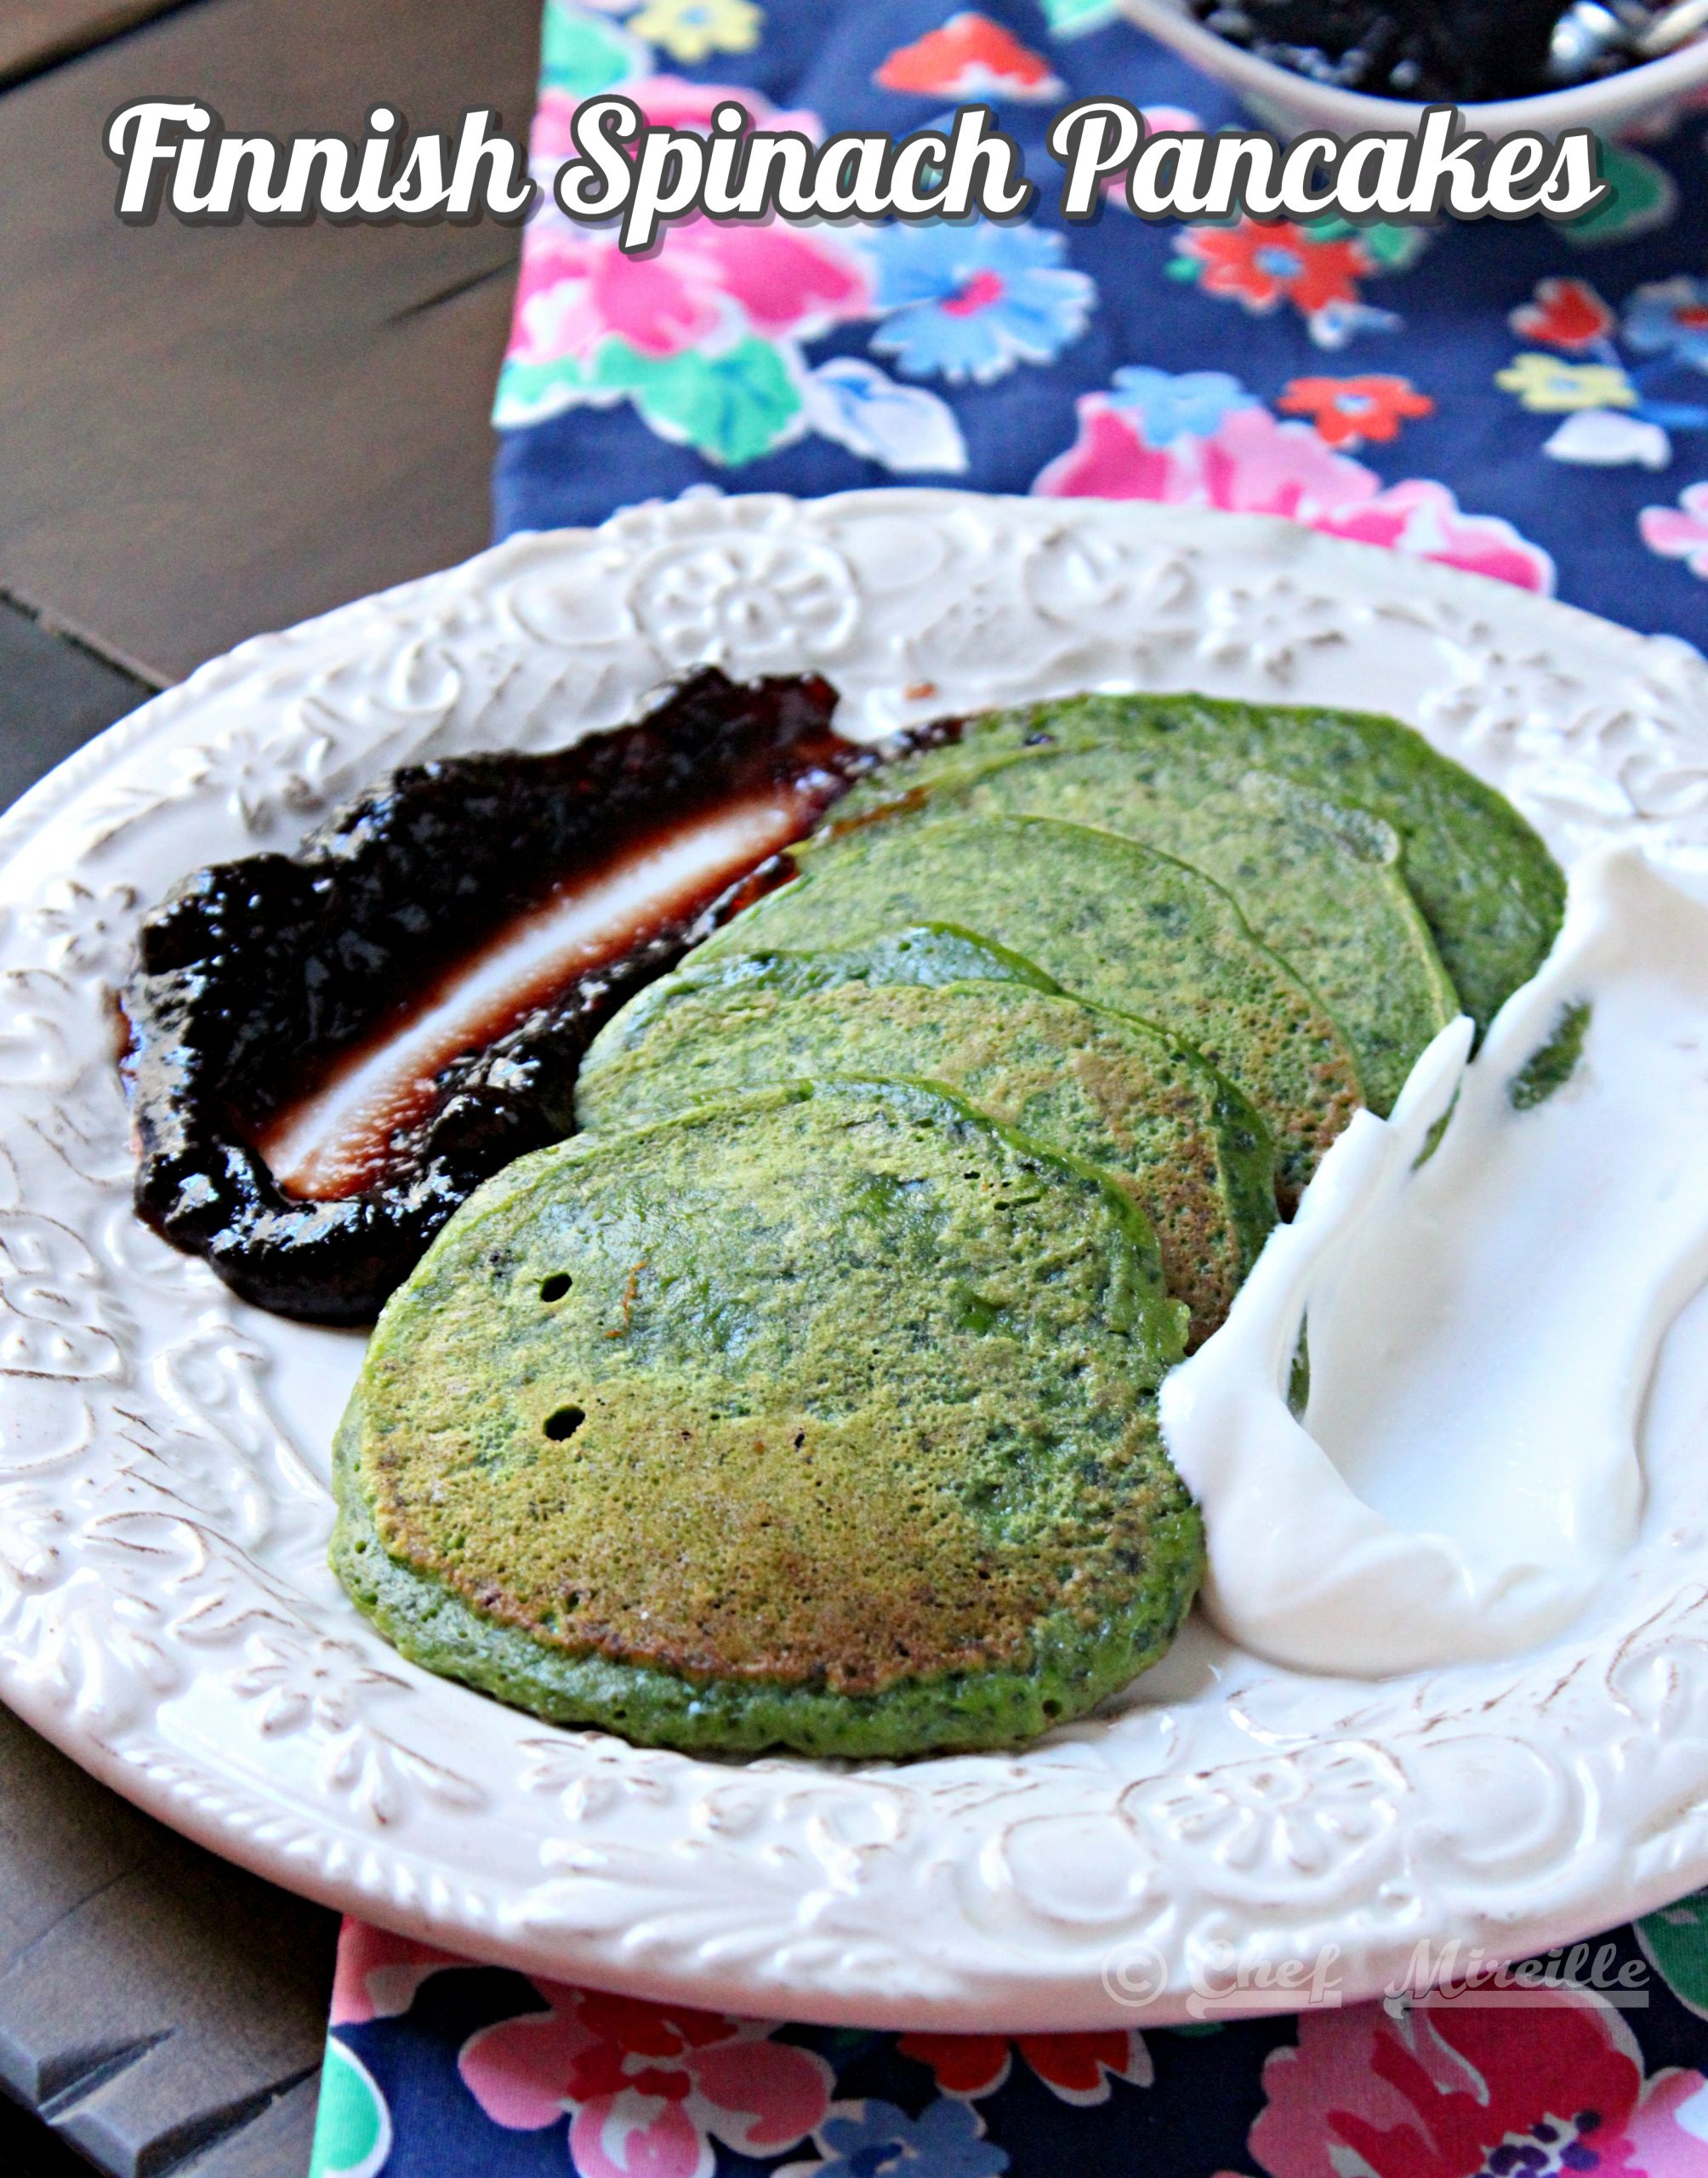 Finnish Spinach Pancakes – Pinaattiletut